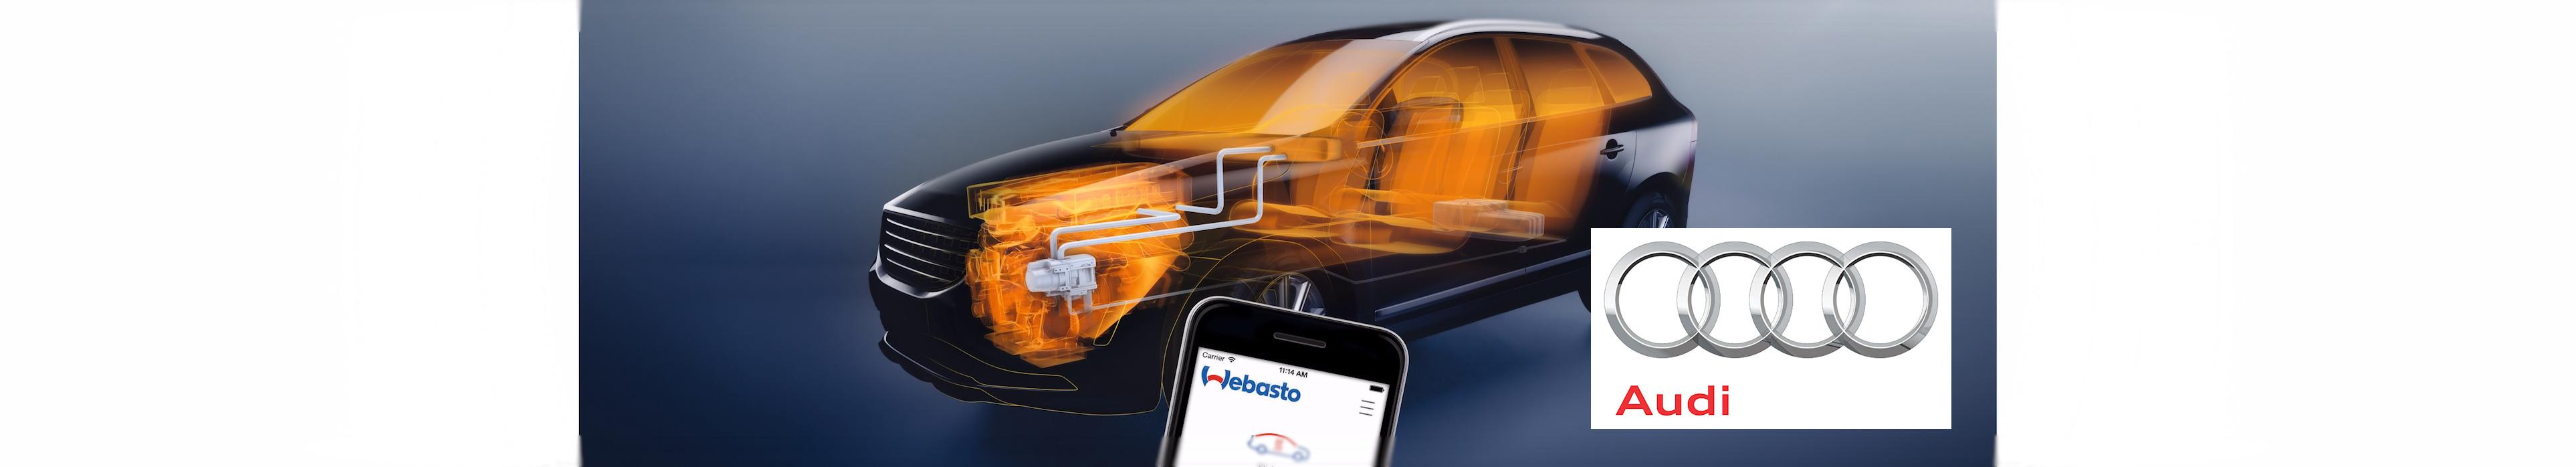 Wat kost een Parkeerverwarming inbouwen bij Audi